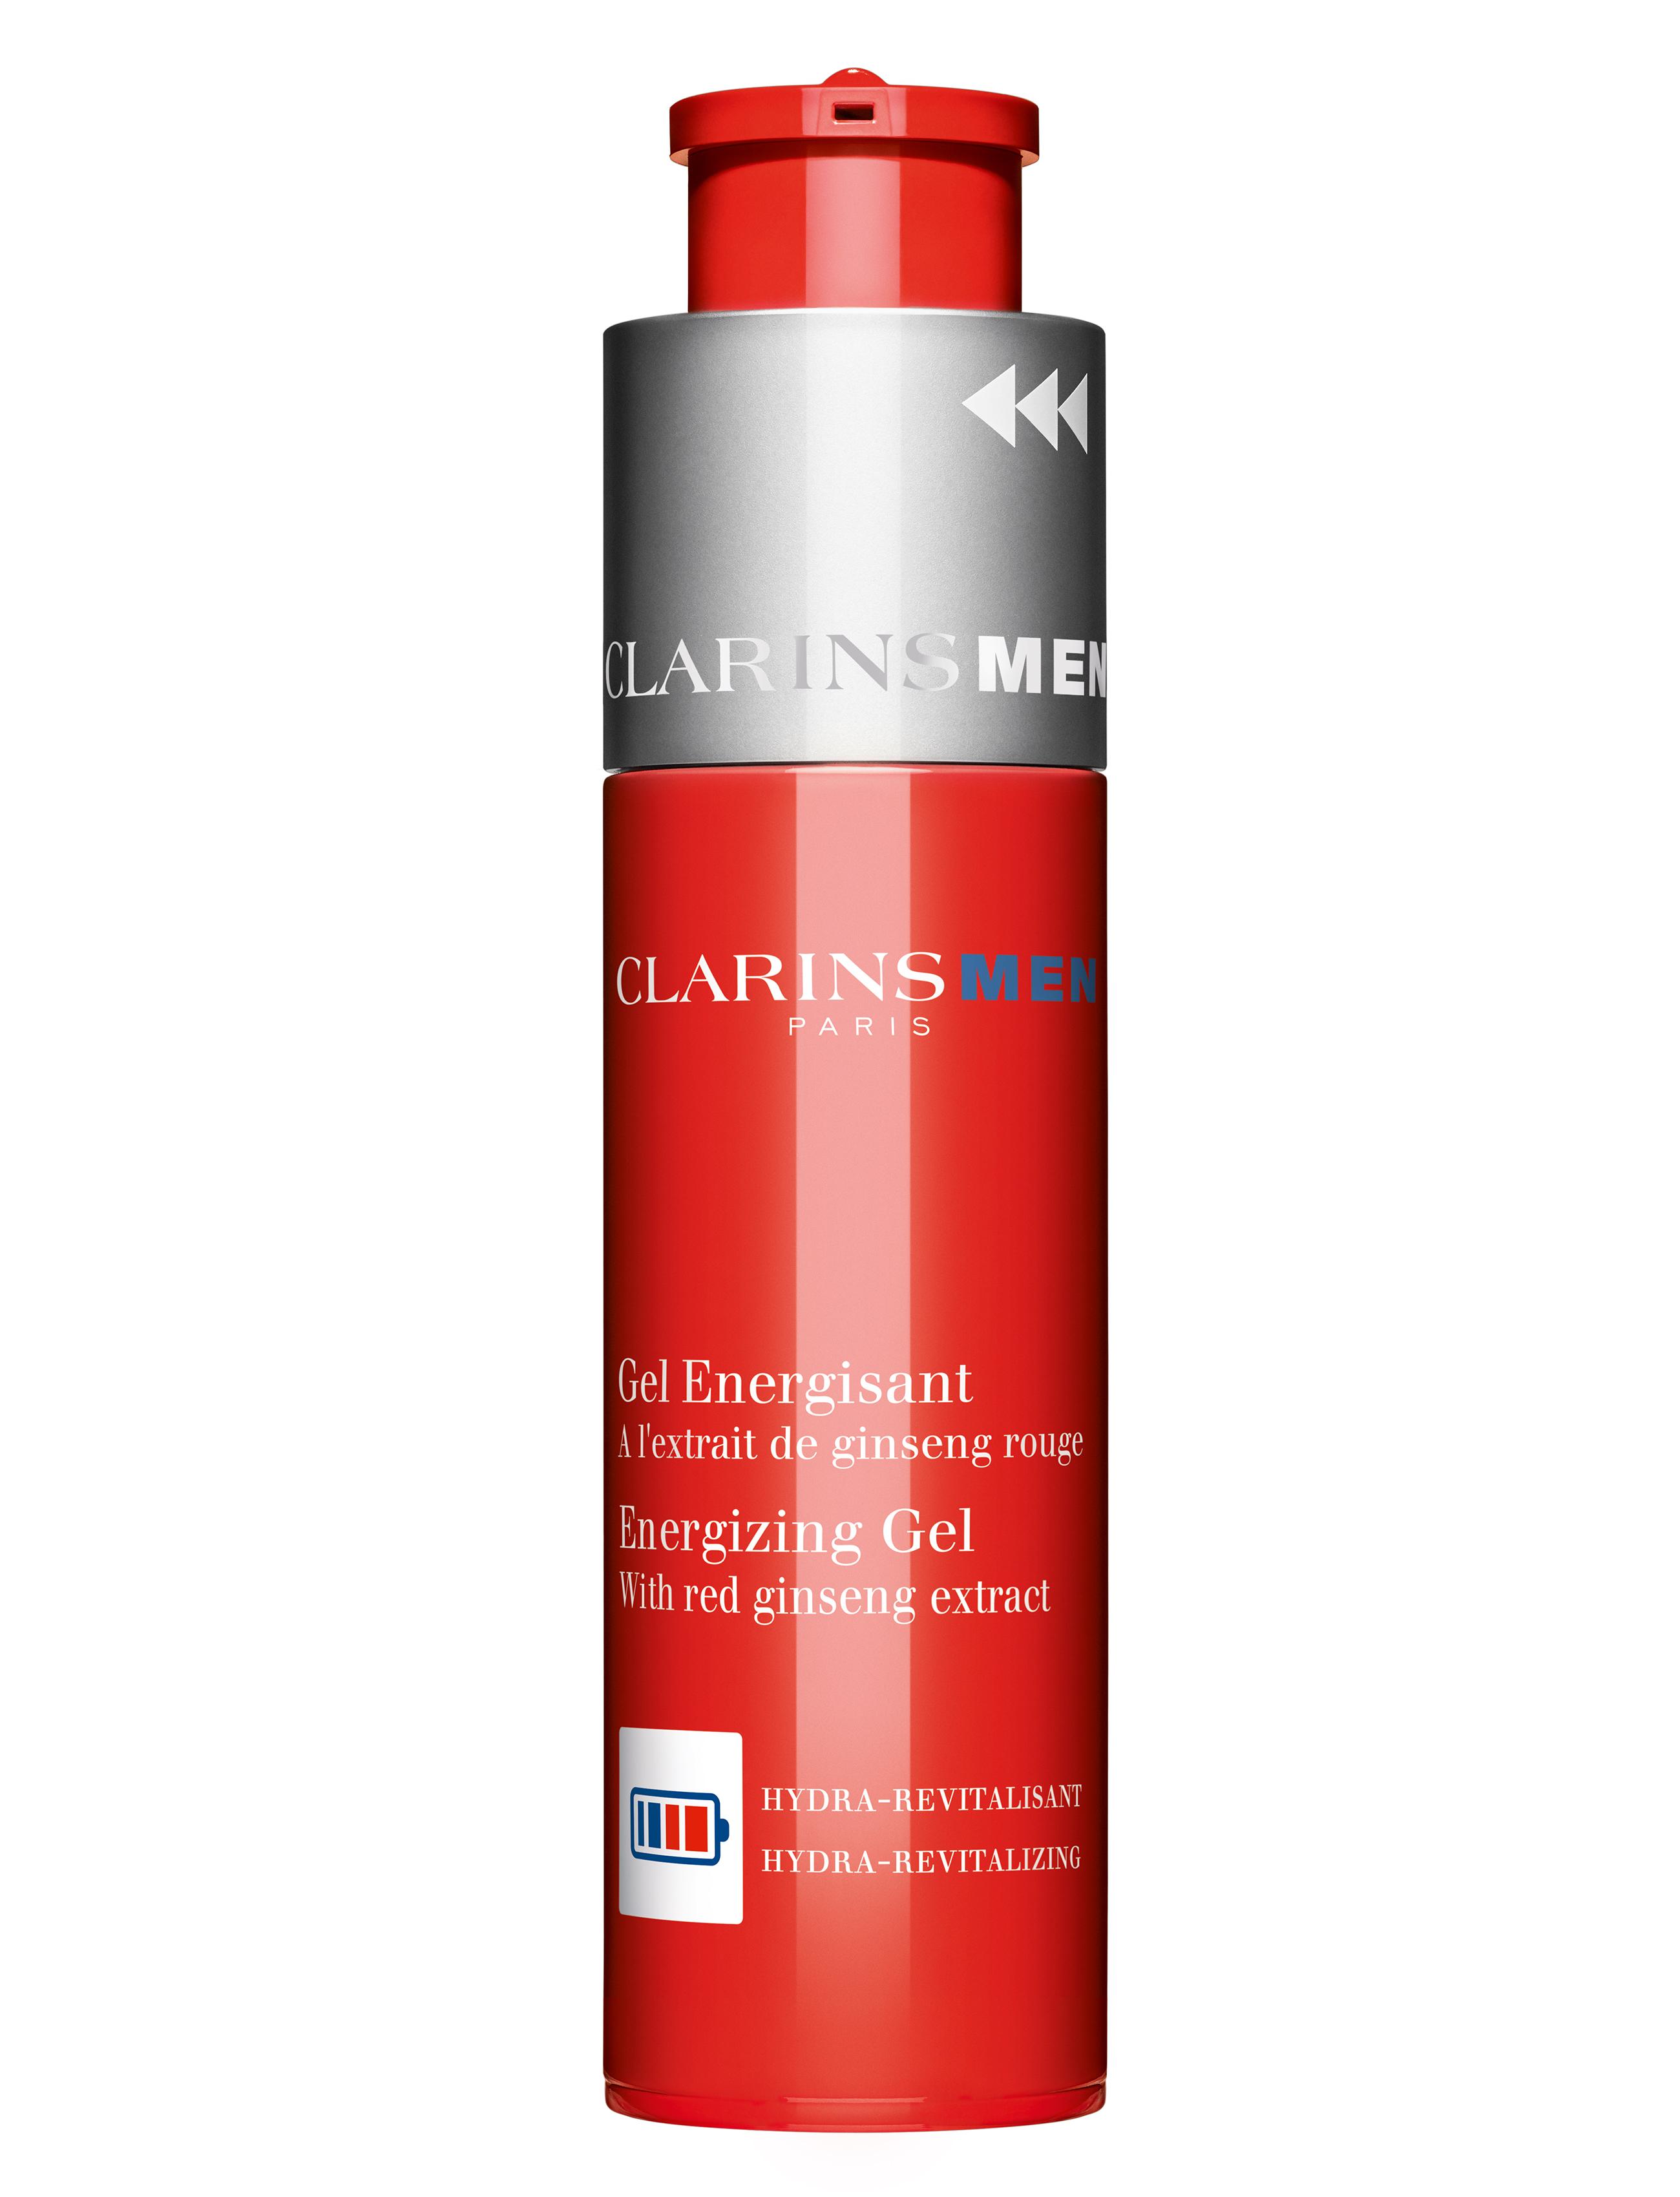 Clarins Mens Energy Gel, 50 ml